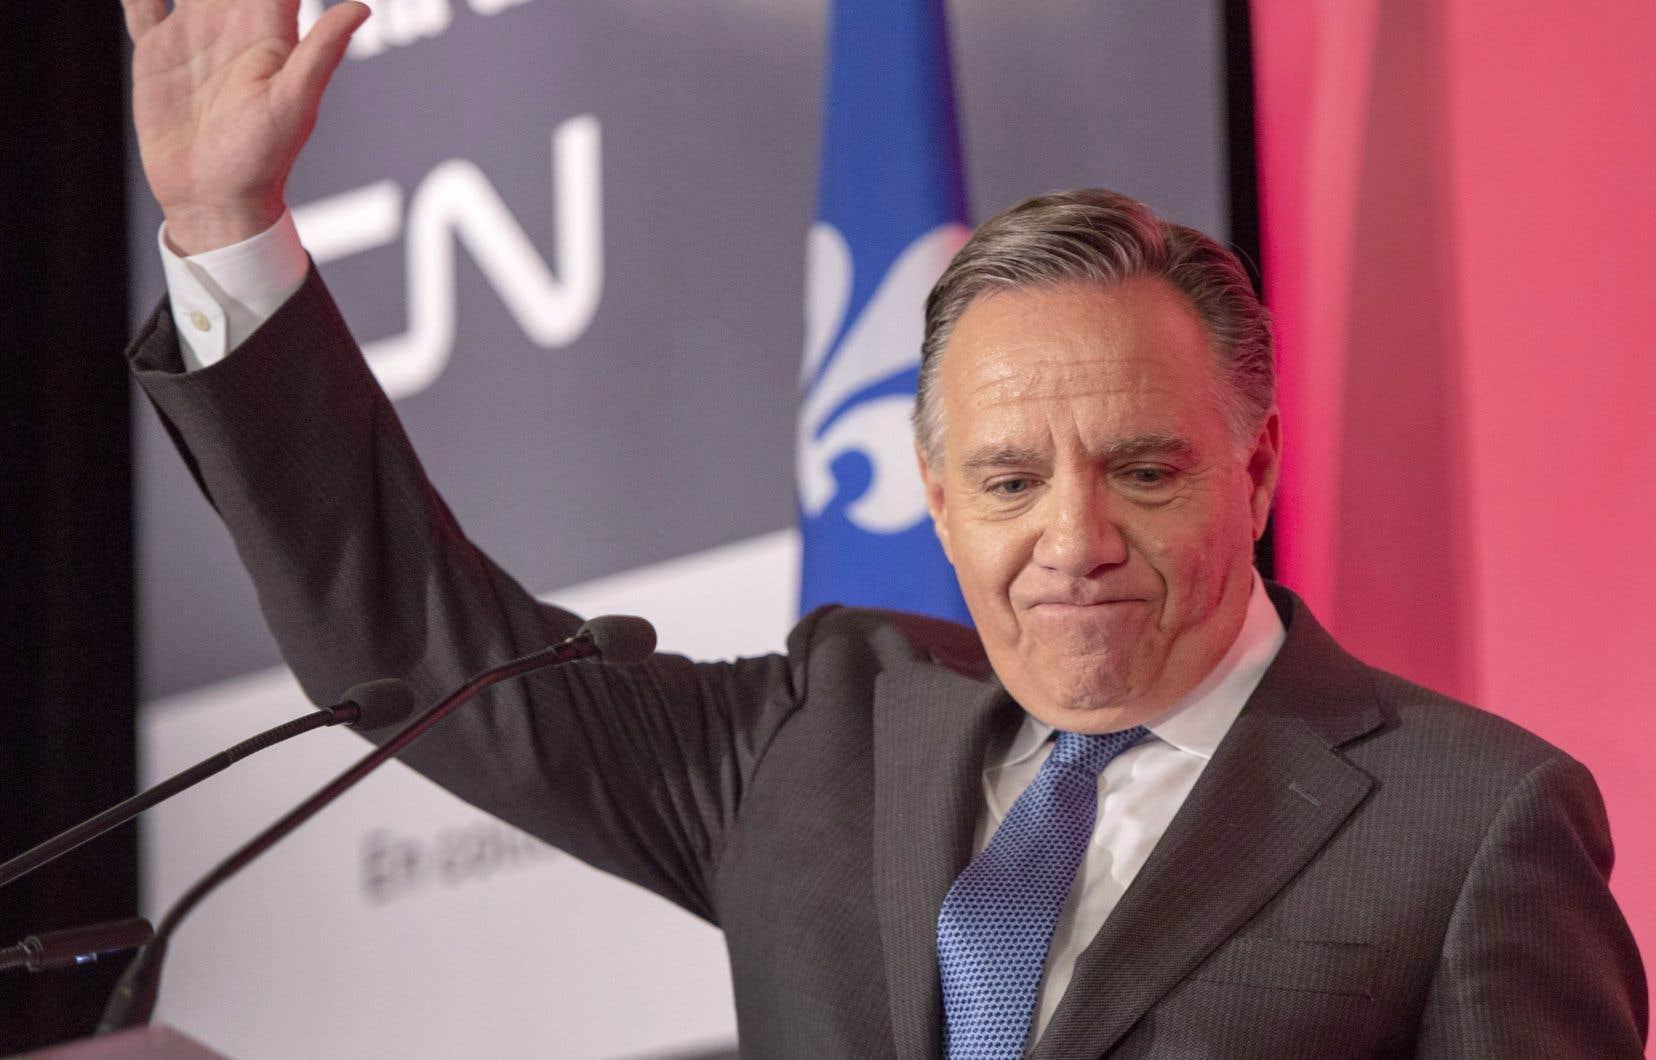 Chez les francophones, la CAQ domine largement (37%), devant le PQ (24%), QS (20%) et les libéraux (17%).